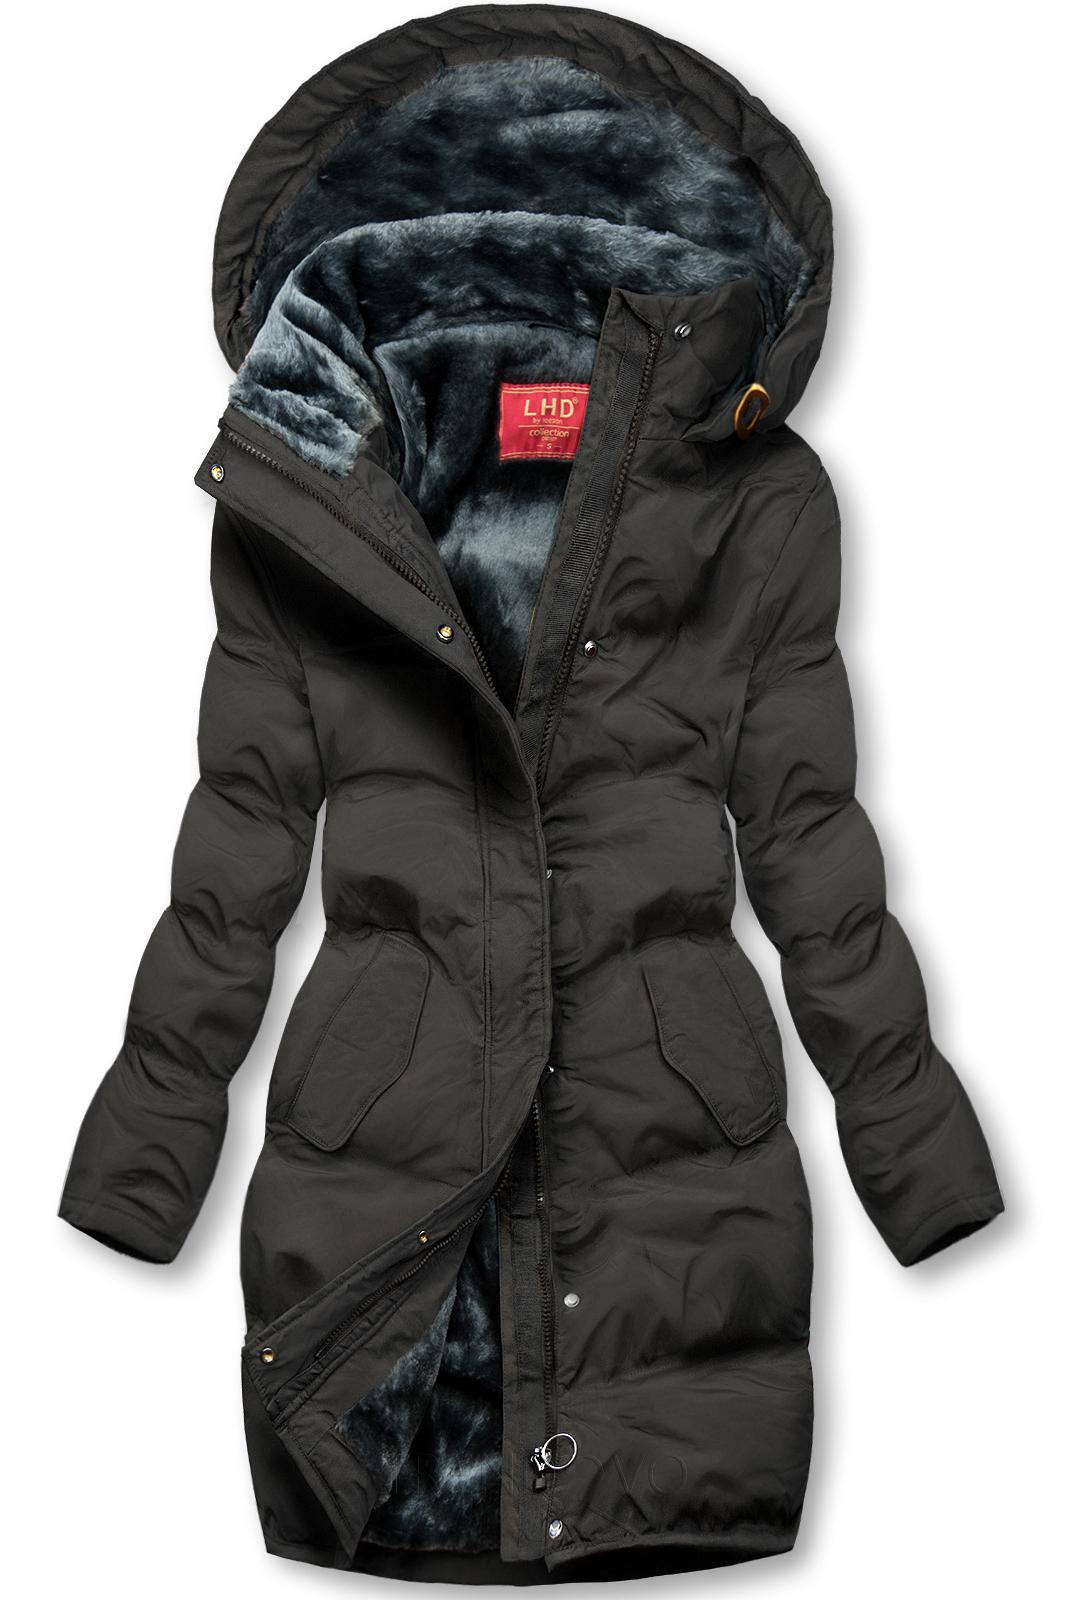 Černá zimní bunda s plyšovou podšívkou